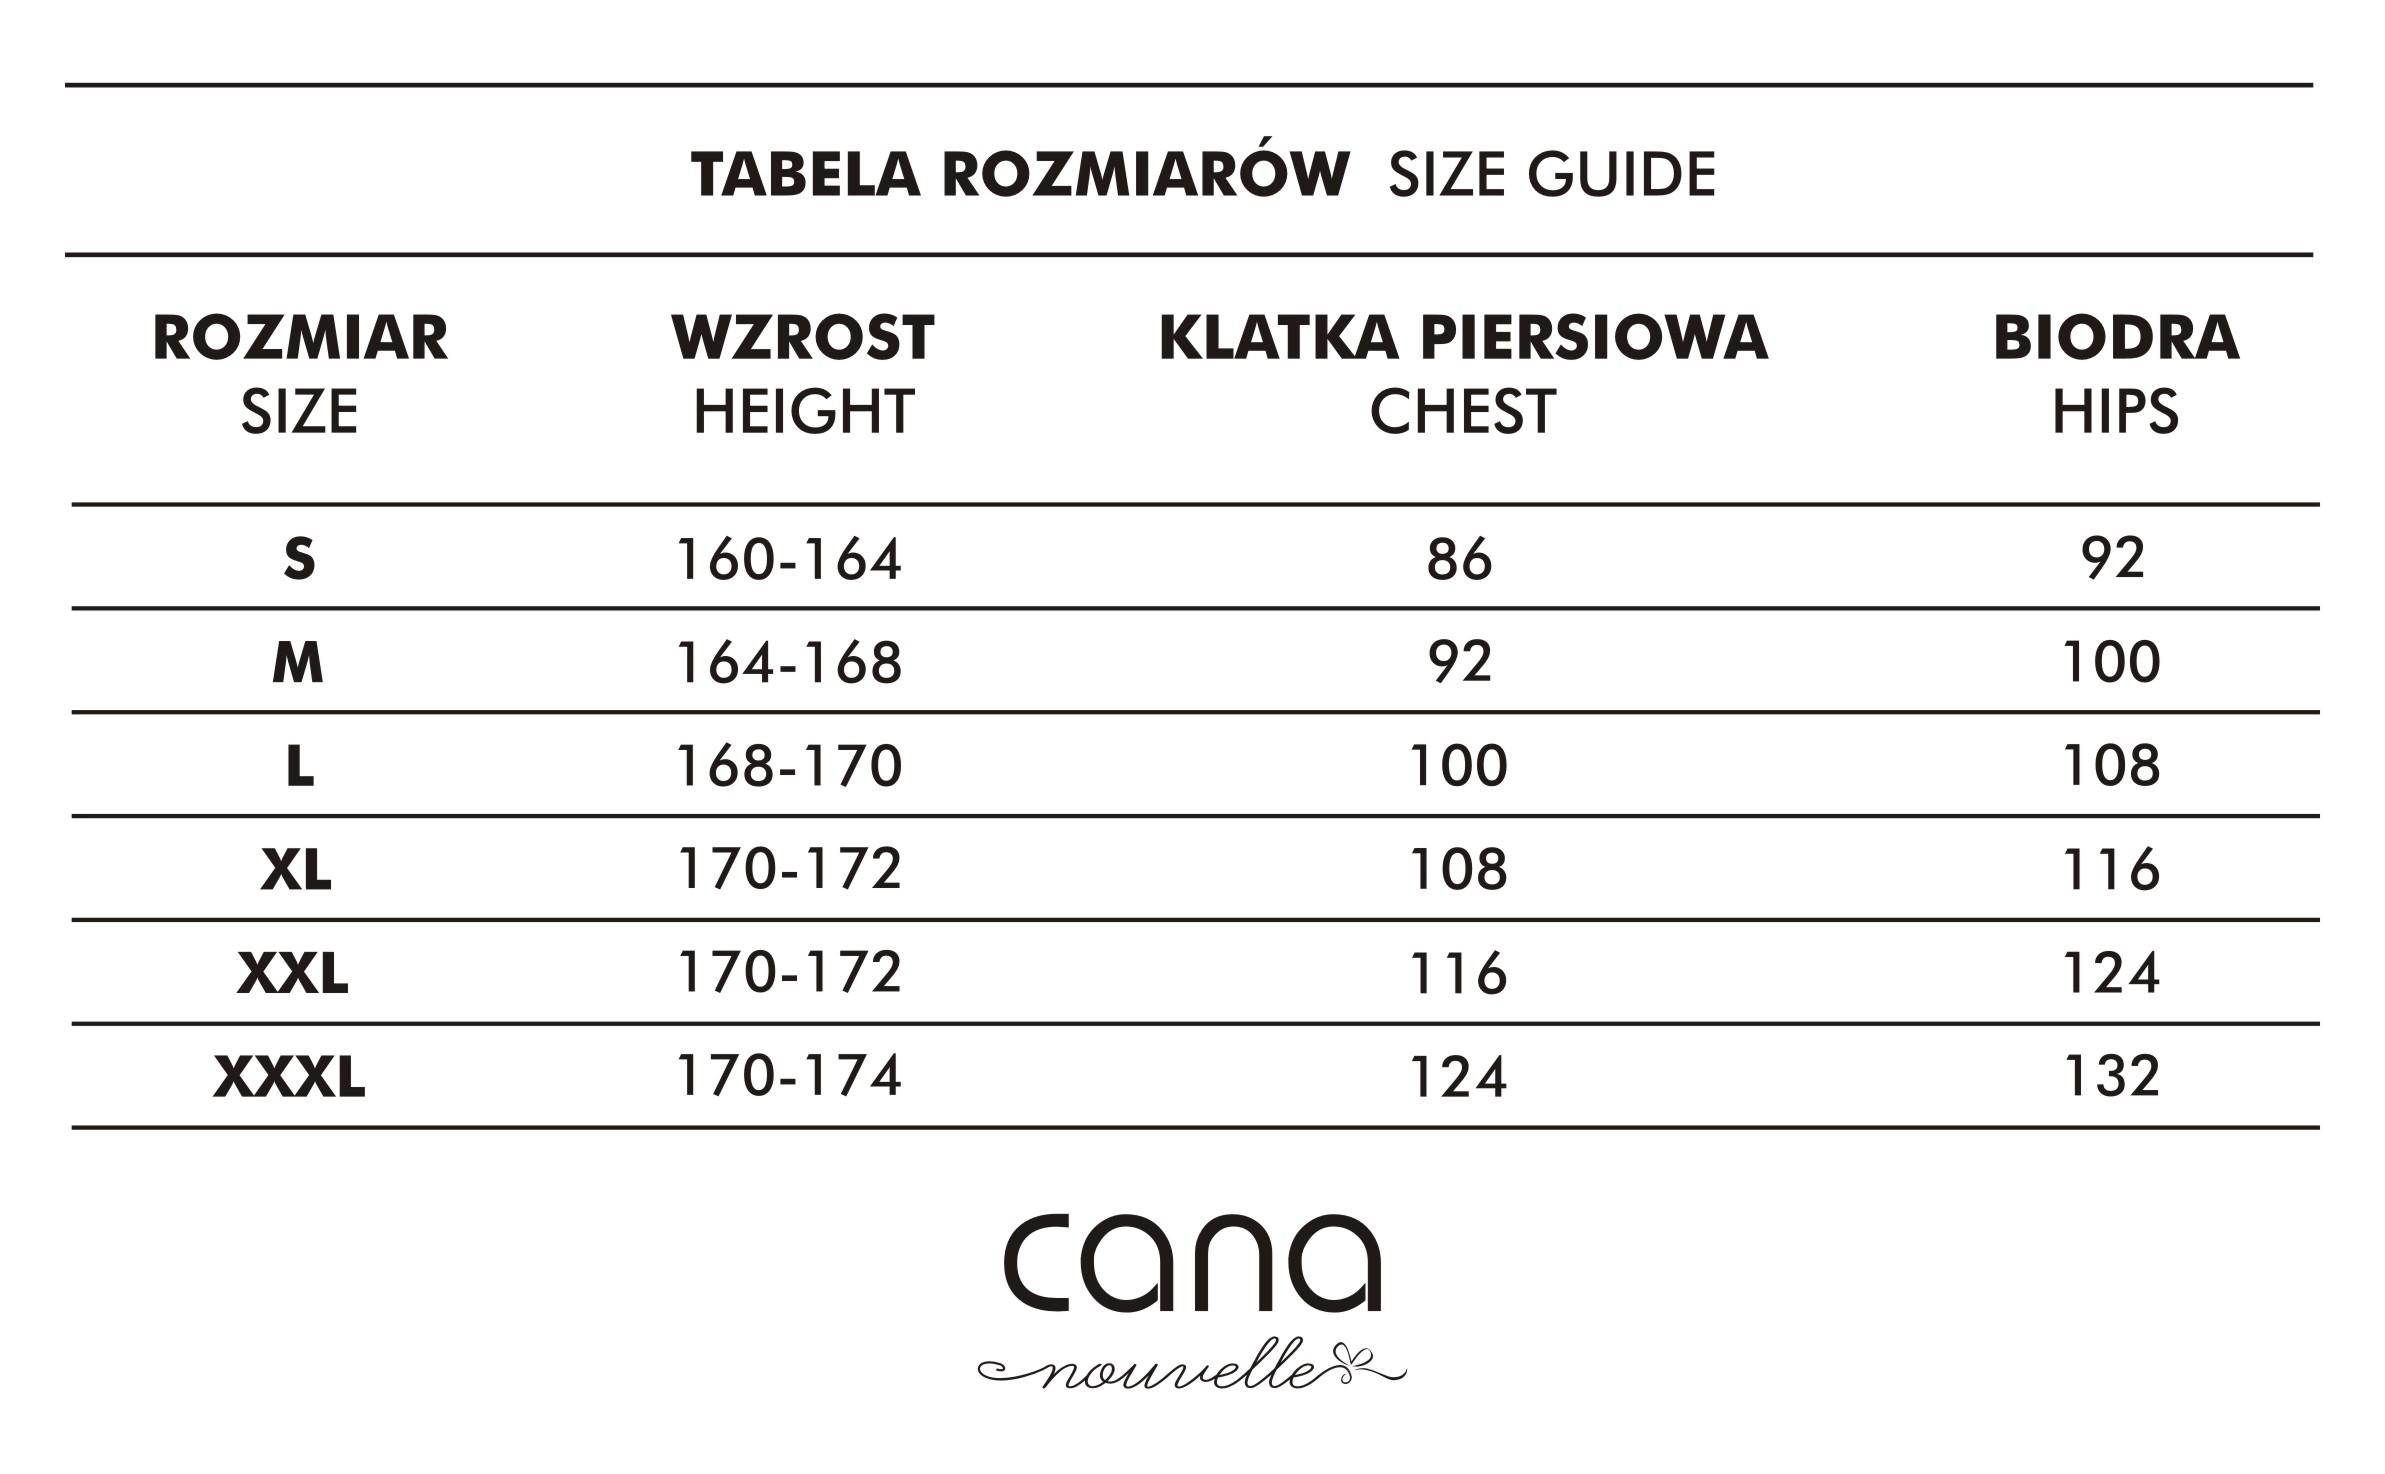 TABELKA_ROZMIAROW